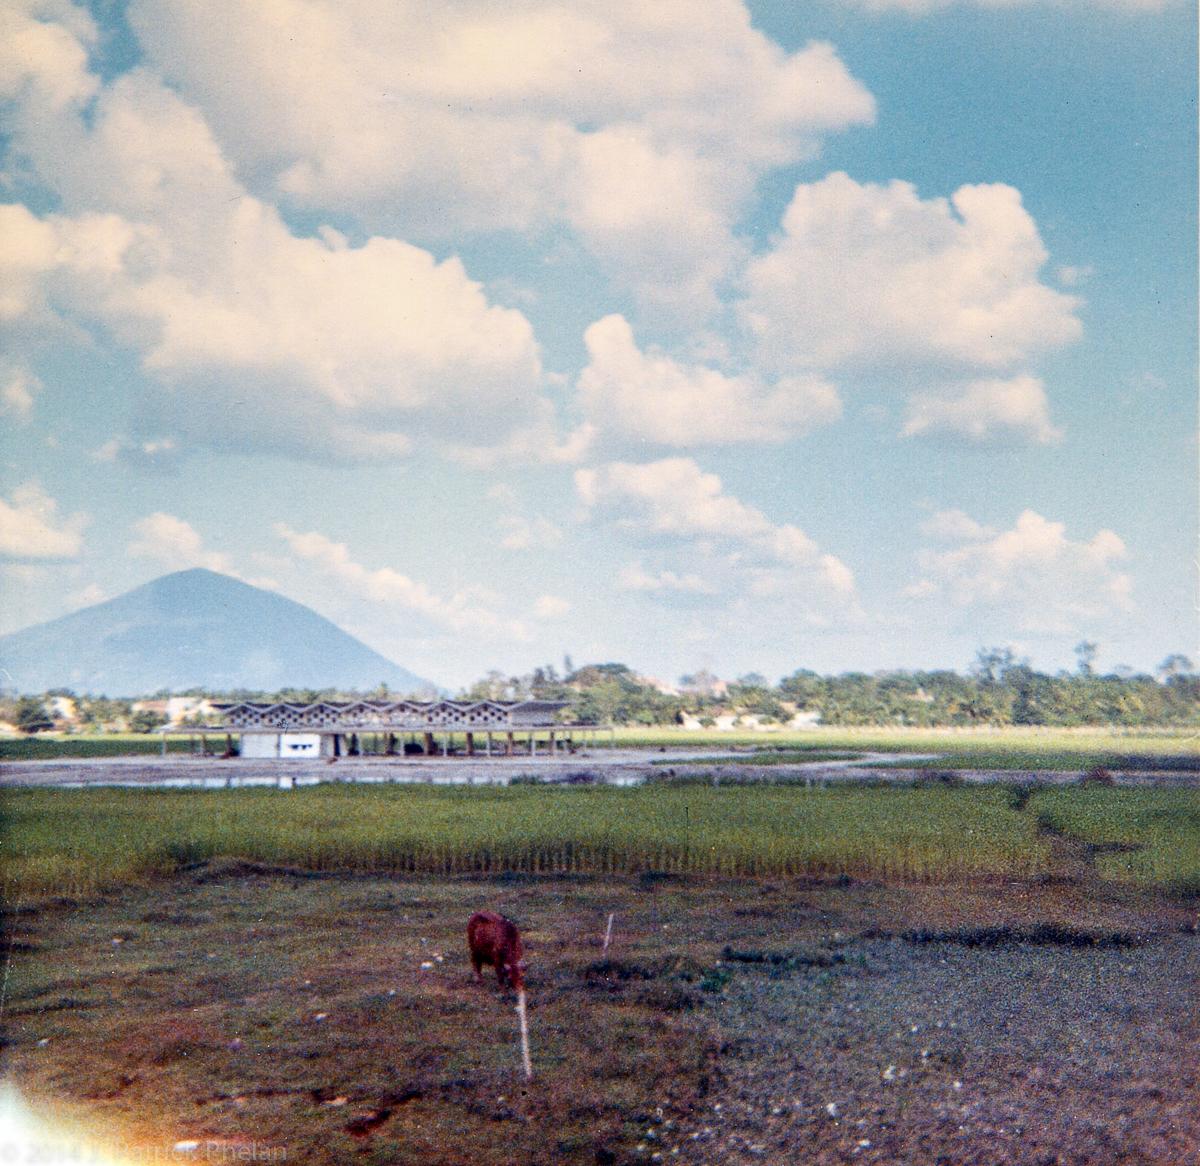 Phelan_1968-70Vietnam_0459